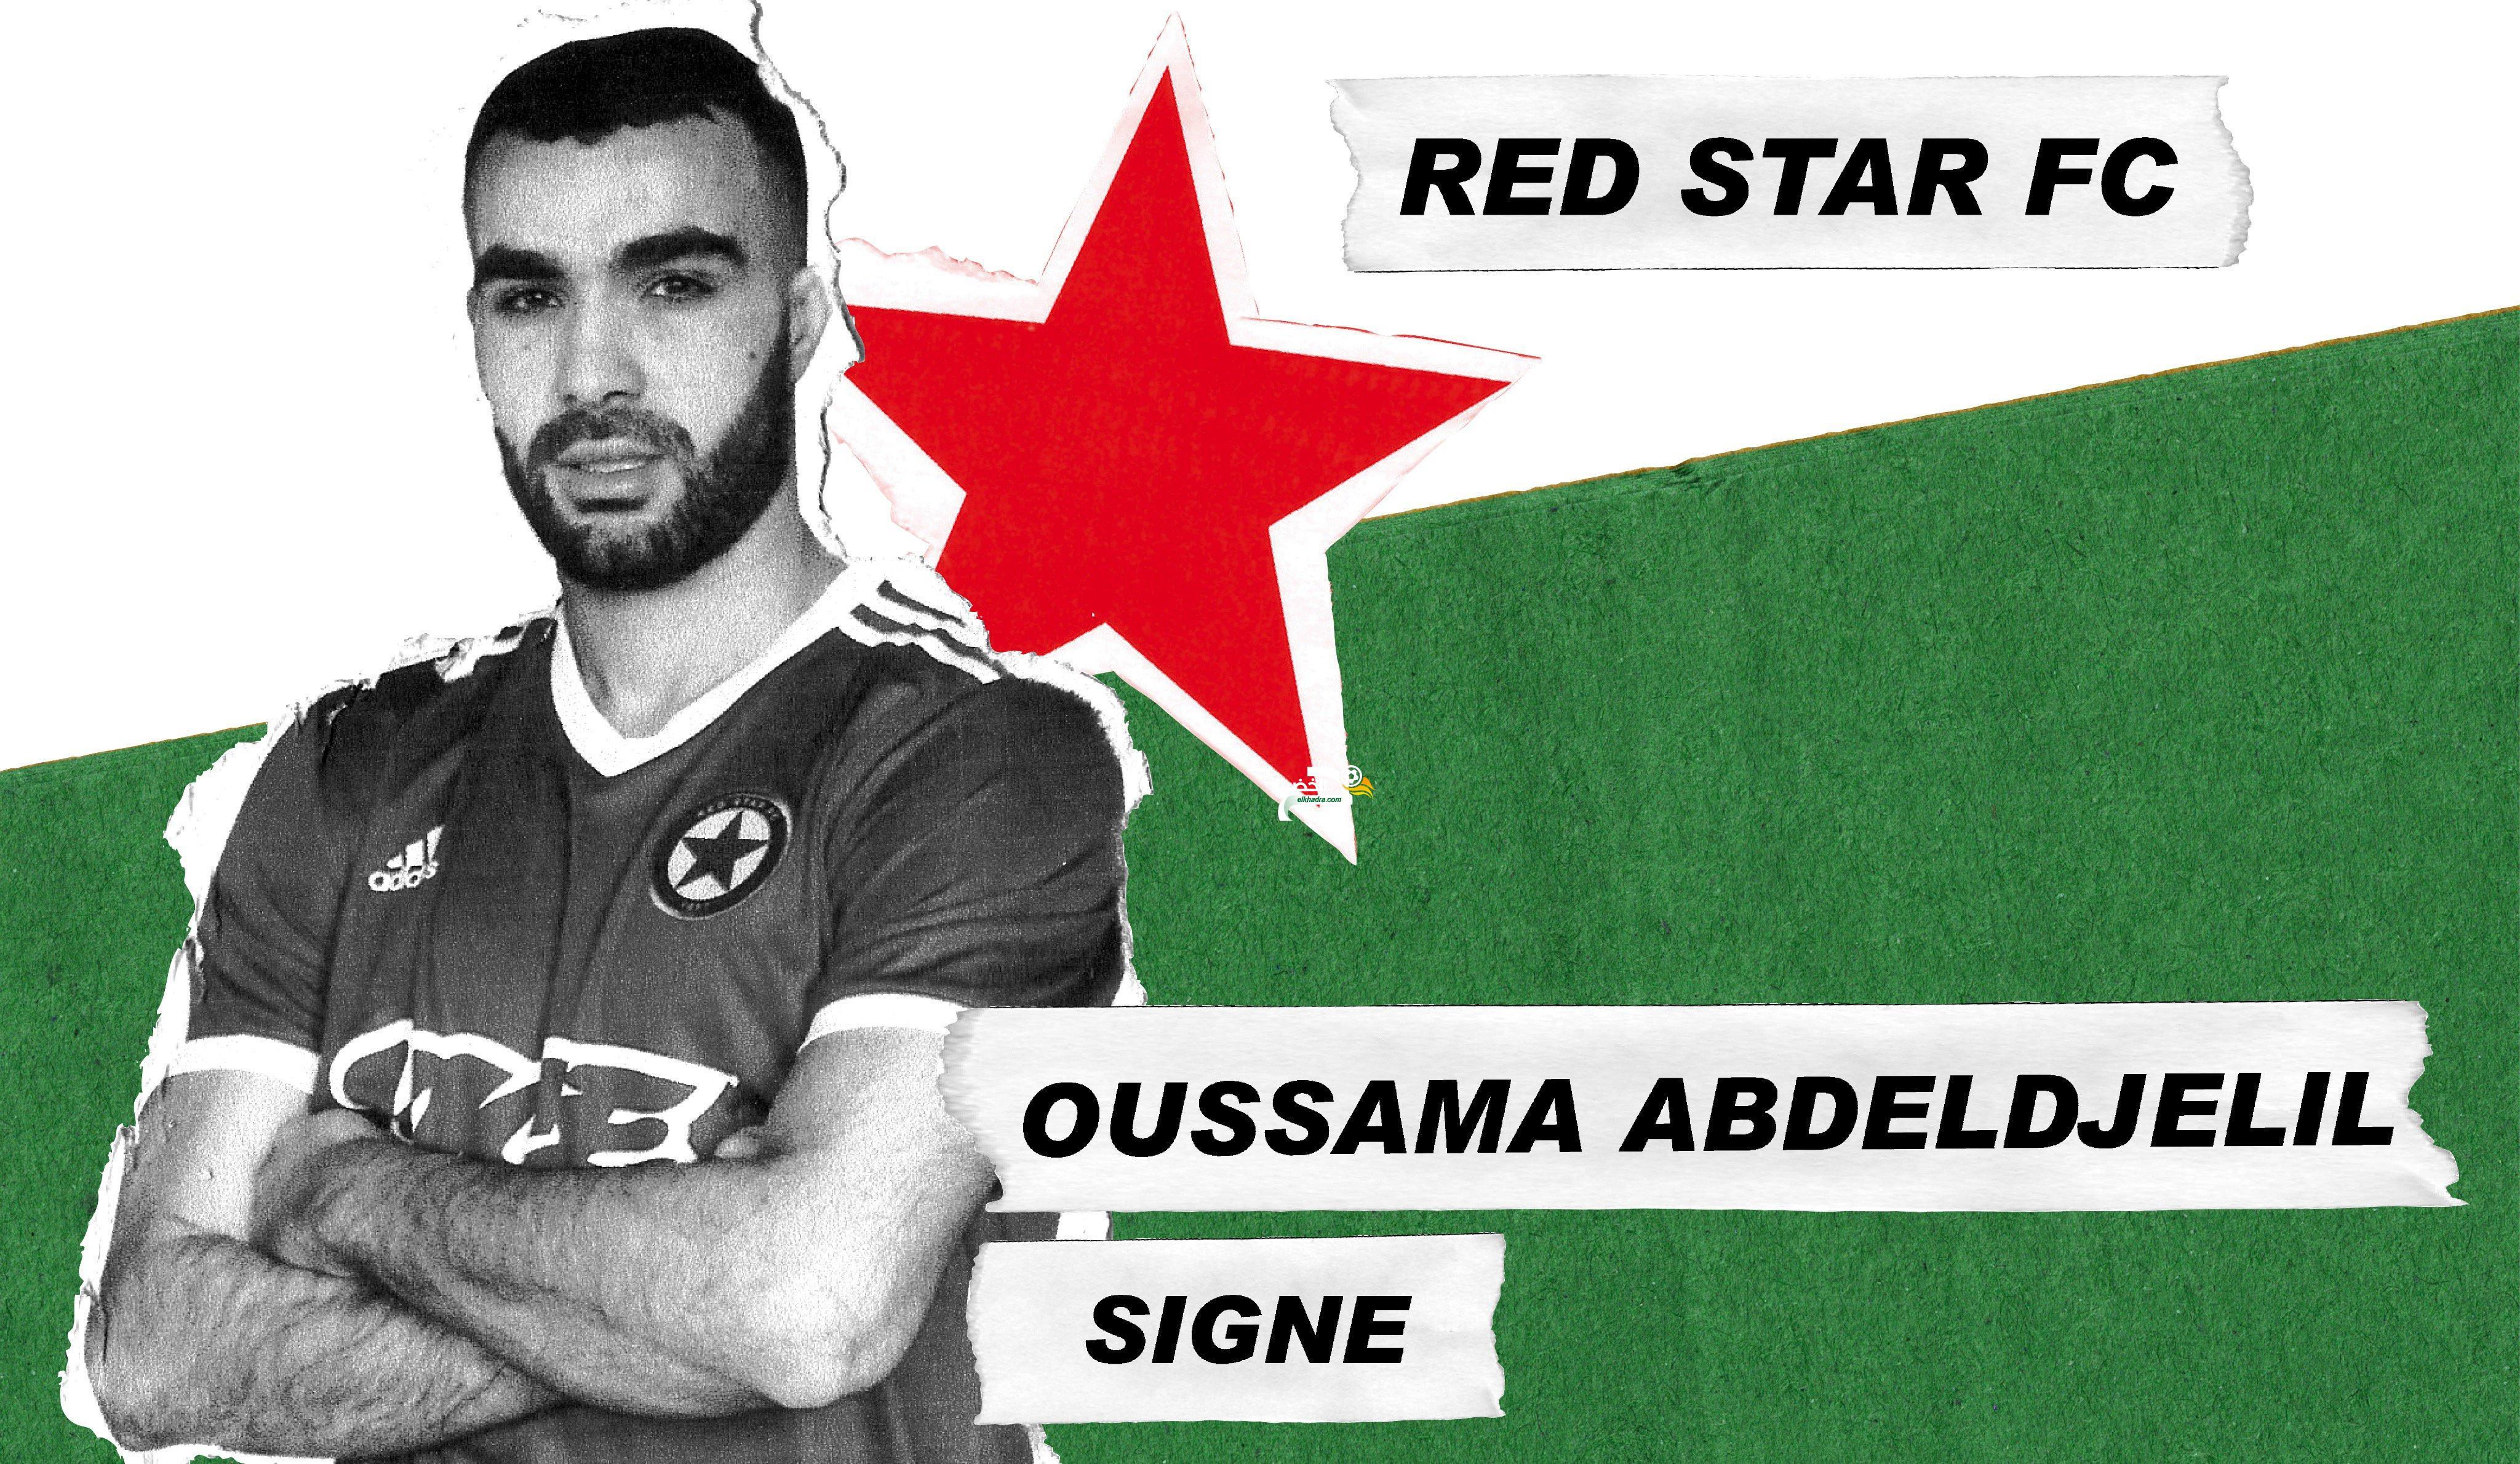 لاعب شبيبة القبائل ودفاع تاجنانت سابقا يوقع لنادي راد ستار في البطولة الفرنسية المحترفة ! 24